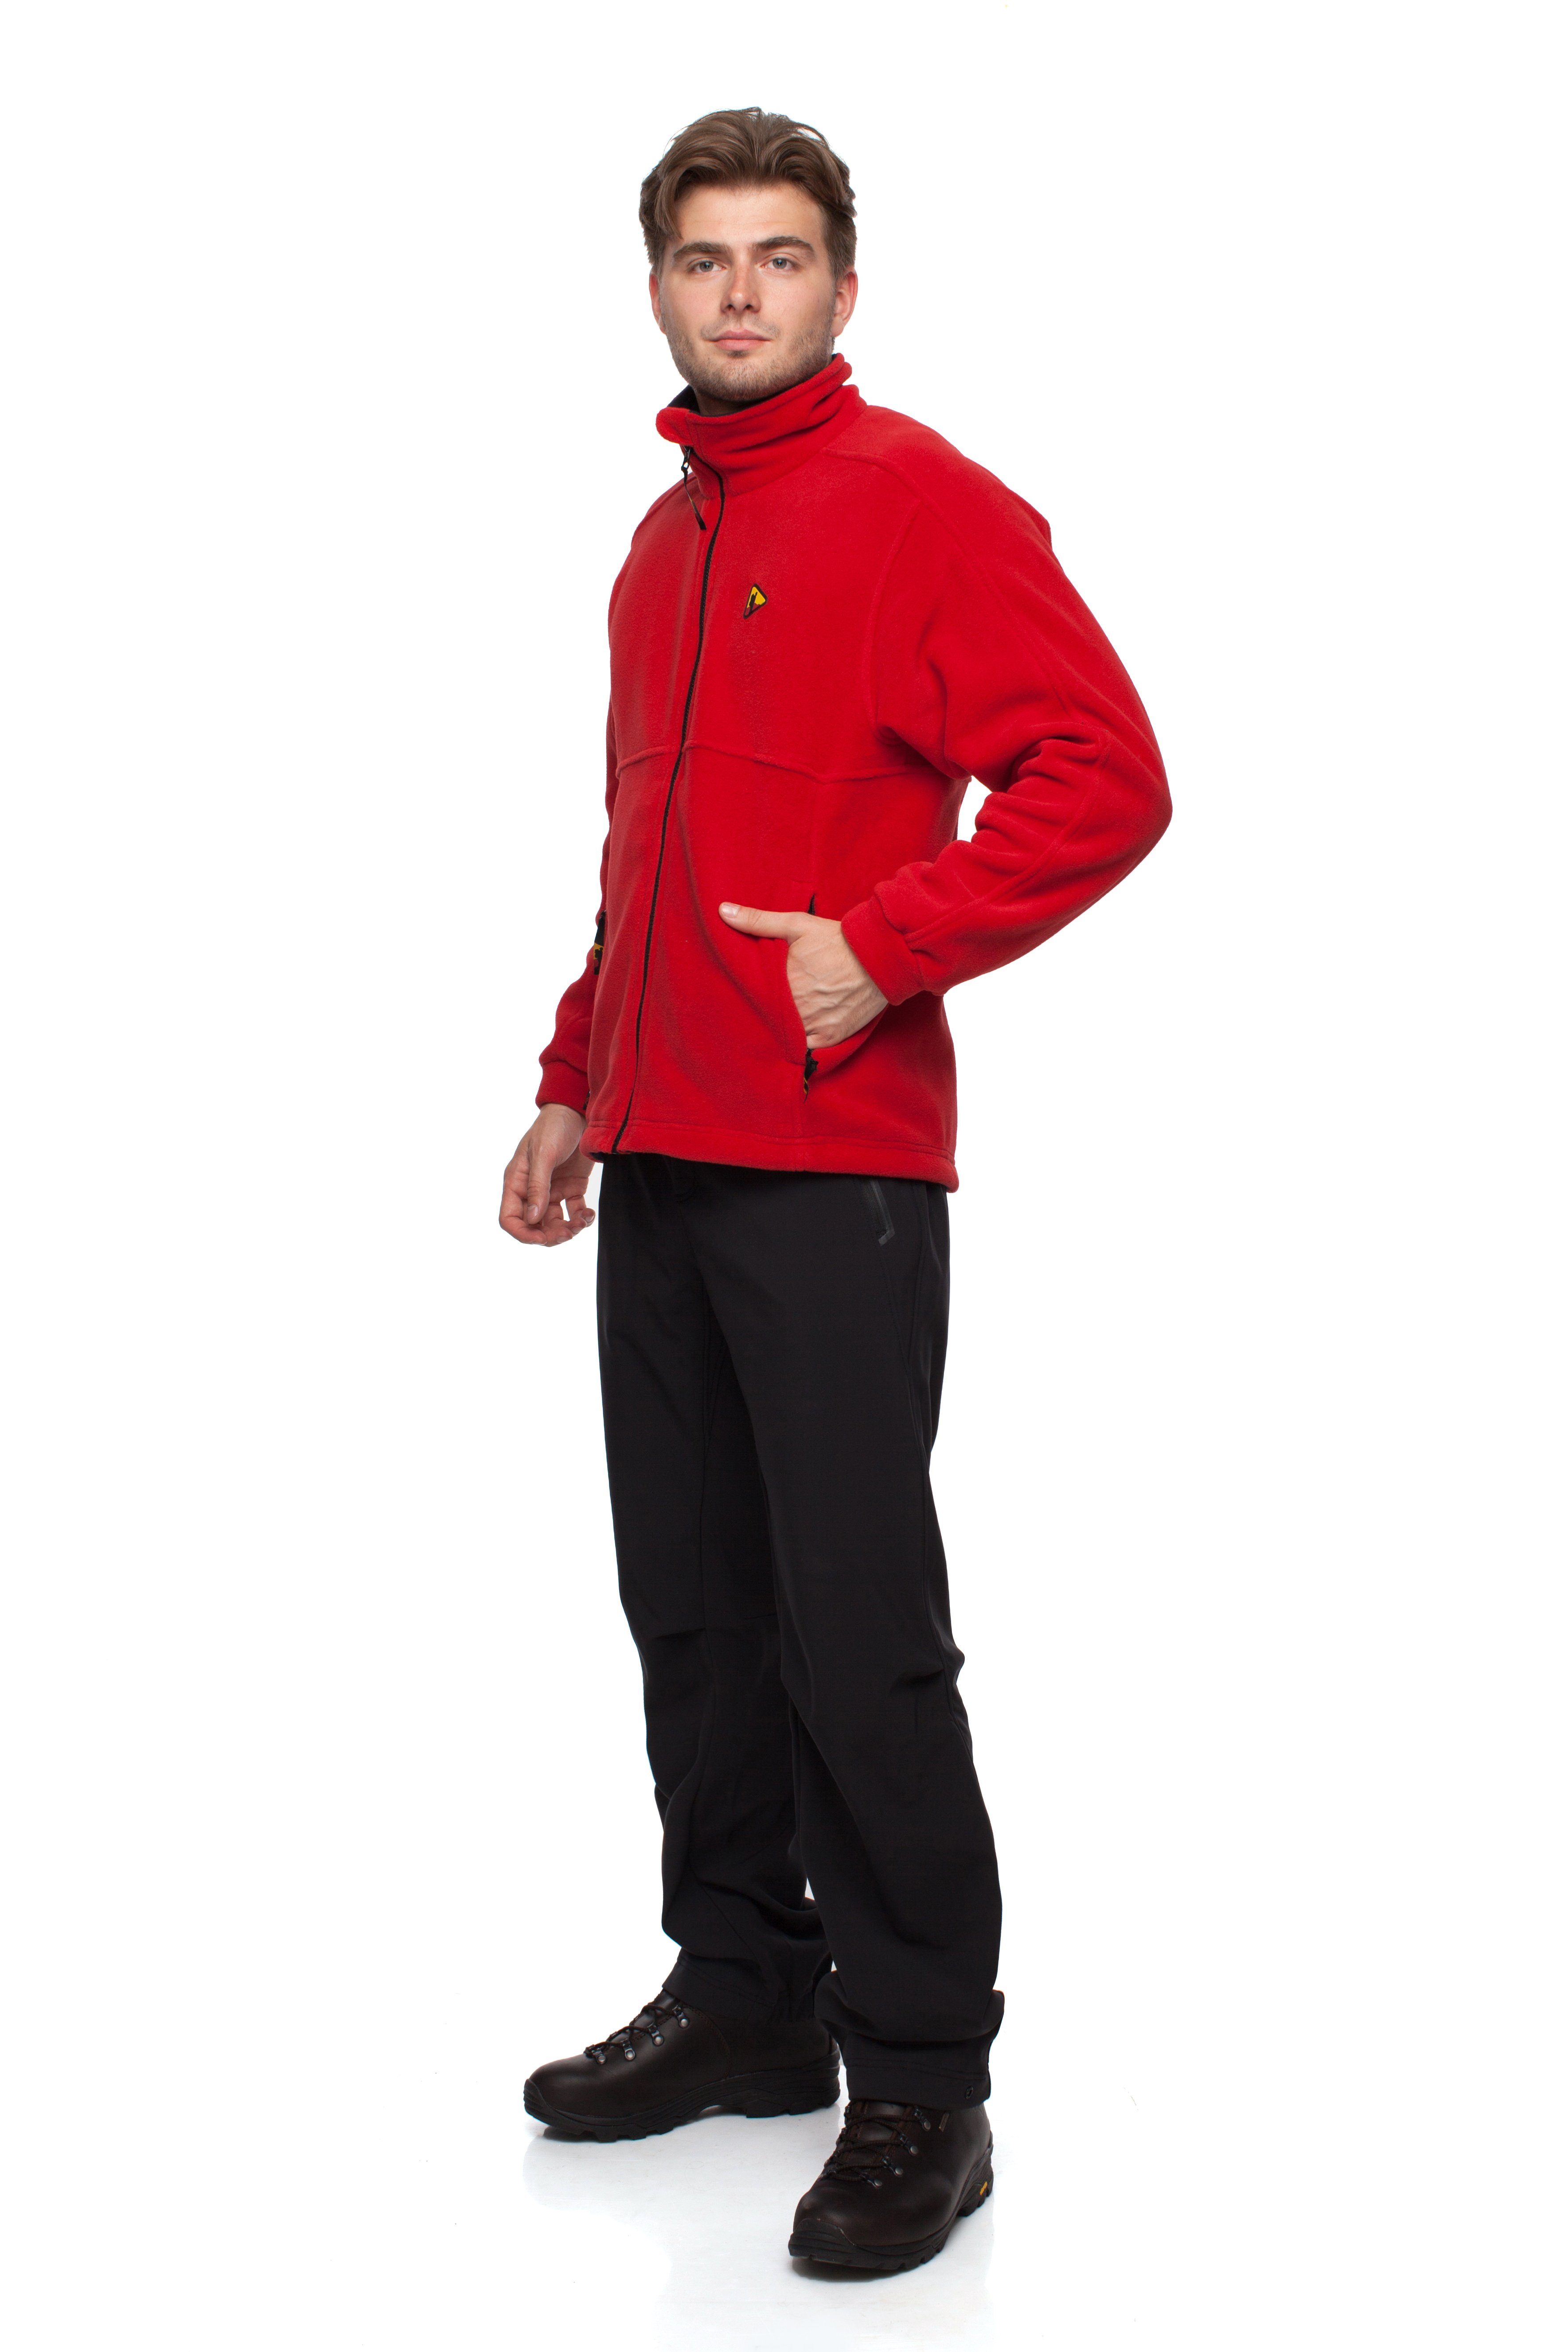 Куртка BASK FAST MJ 4253Тёплая мужская куртка свободного покроя из ткани Polartec® 200 для спорта и активного отдыха.  Мужская и женская версии.<br><br>Боковые карманы: 2<br>Вес граммы: 570<br>Ветрозащитная планка: Да<br>Материал: Polartec® 200<br>Материал усиления: нет<br>Пол: Муж.<br>Регулировка вентиляции: Нет<br>Регулировка низа: Да<br>Регулируемые вентиляционные отверстия: Нет<br>Тип молнии: двухзамковая<br>Усиление контактных зон: Нет<br>Размер INT: M<br>Цвет: КРАСНЫЙ